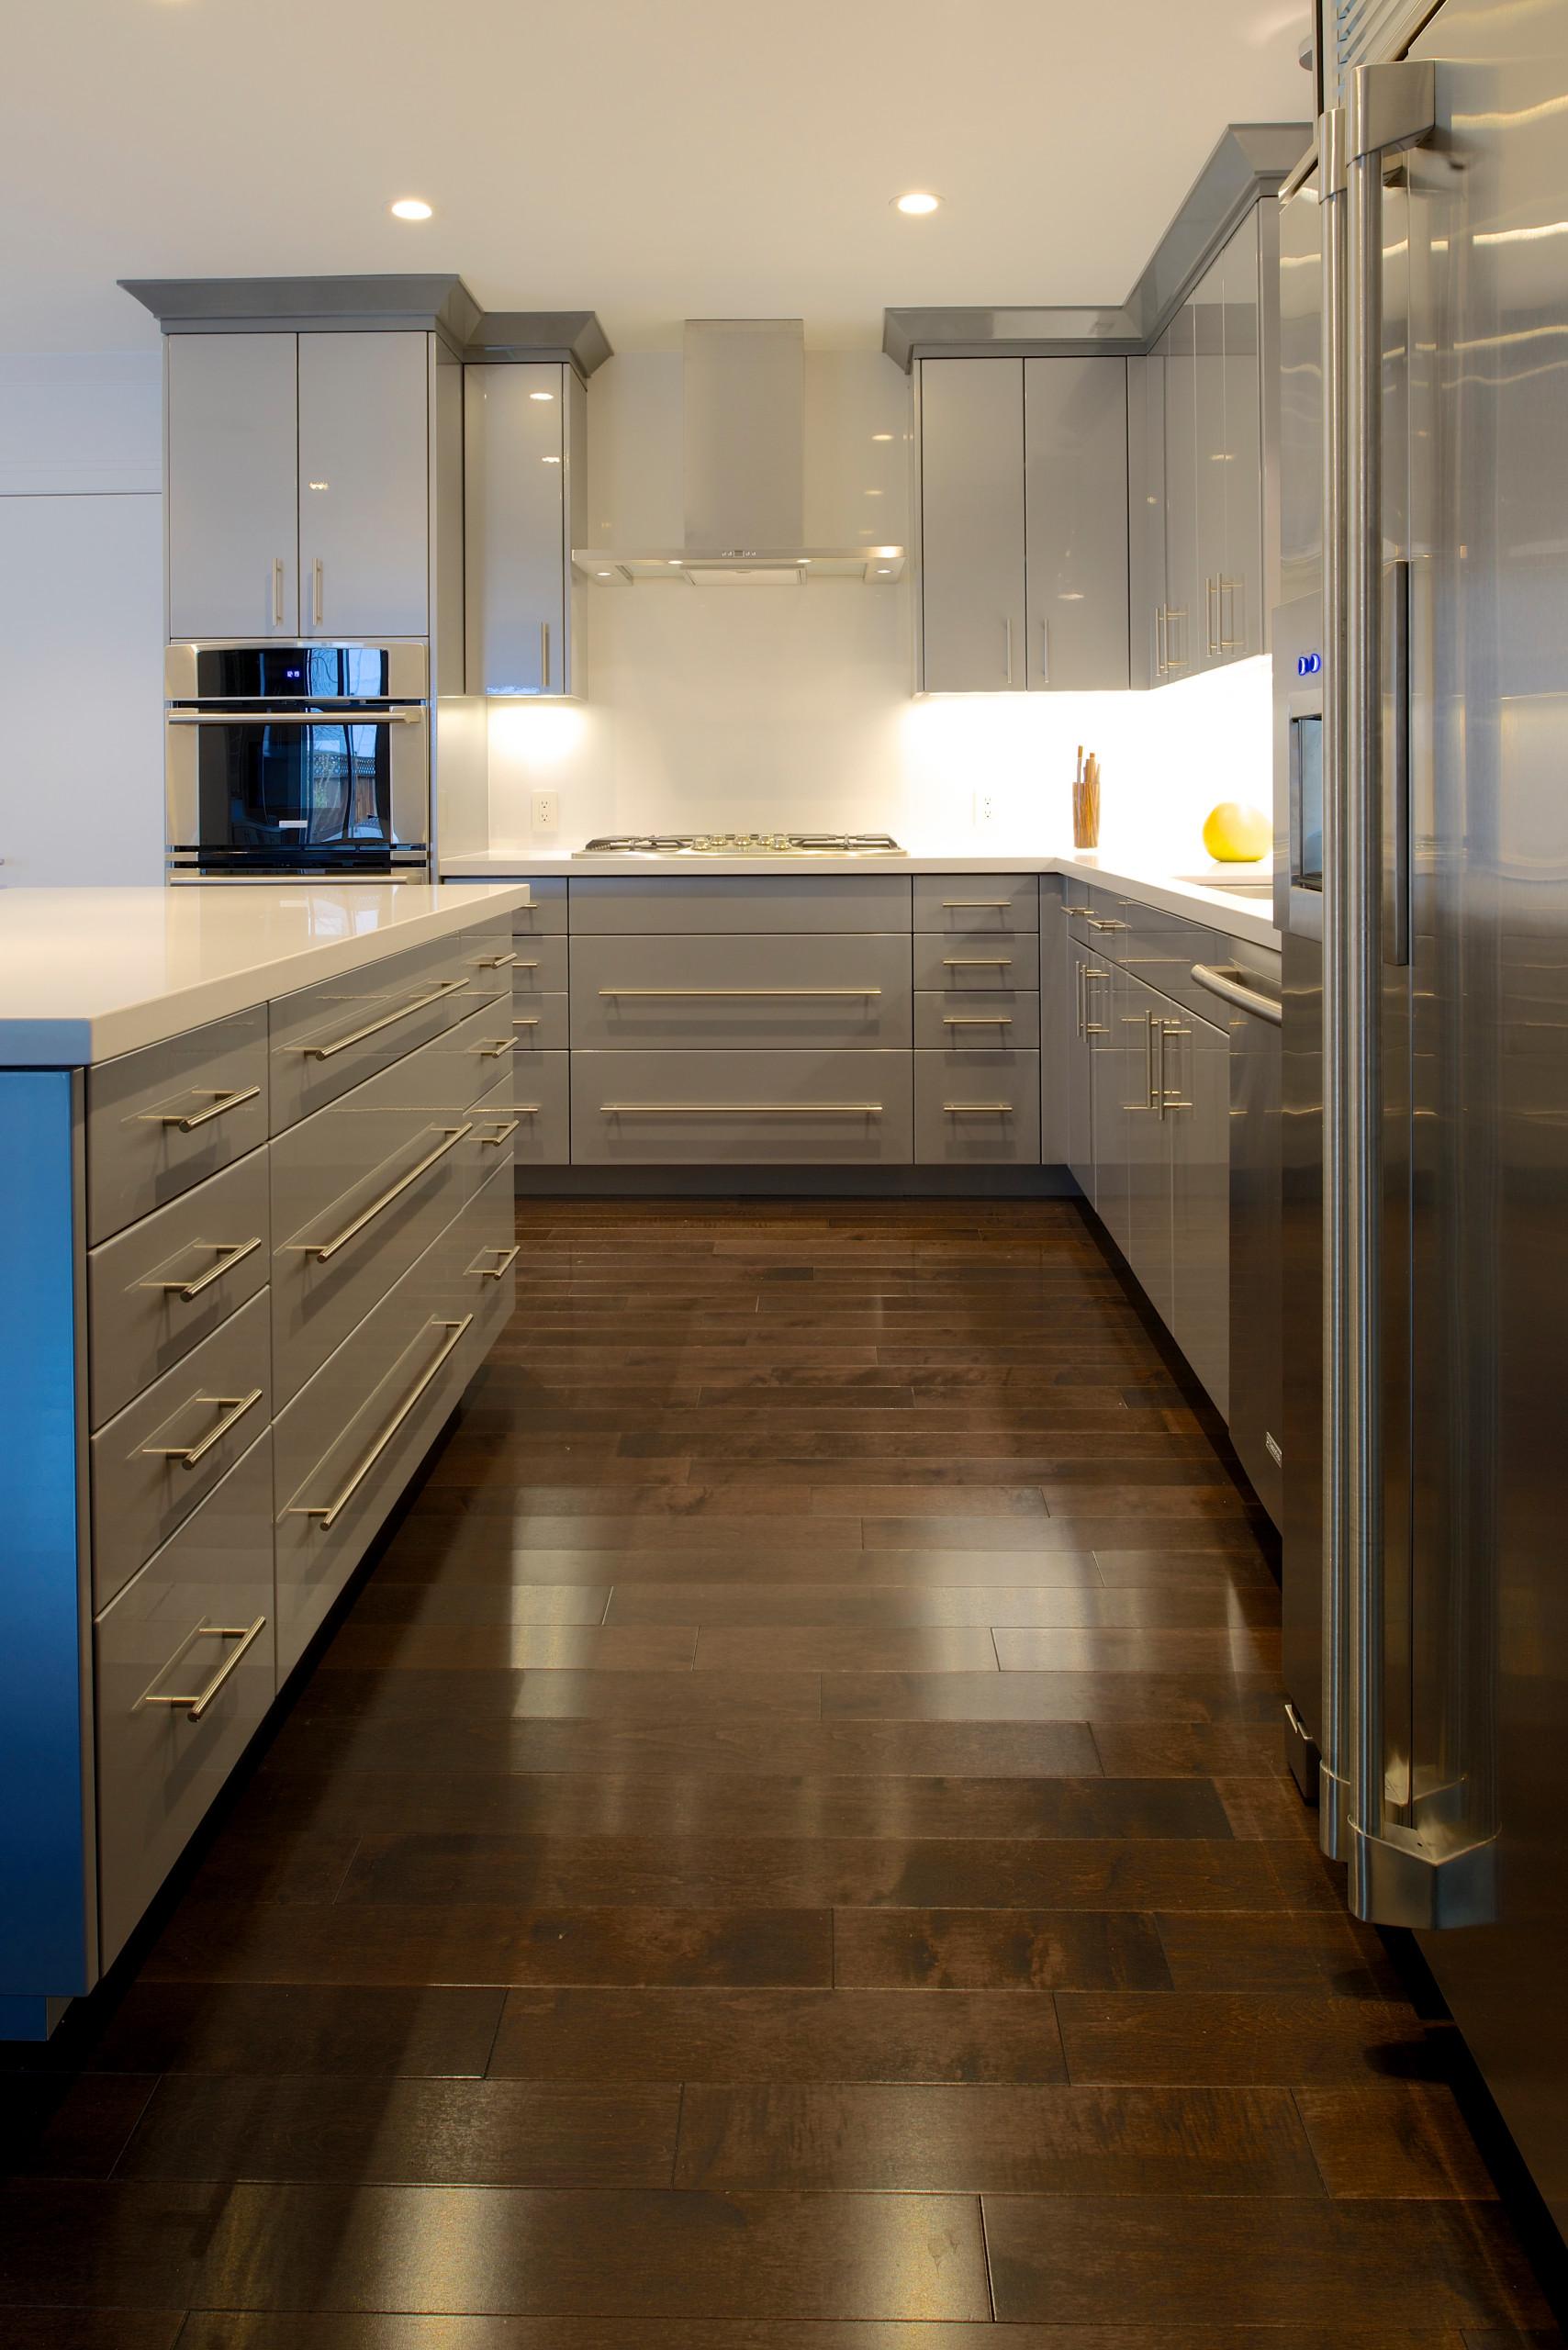 Palo Alto Kitchen & Bath Remodel